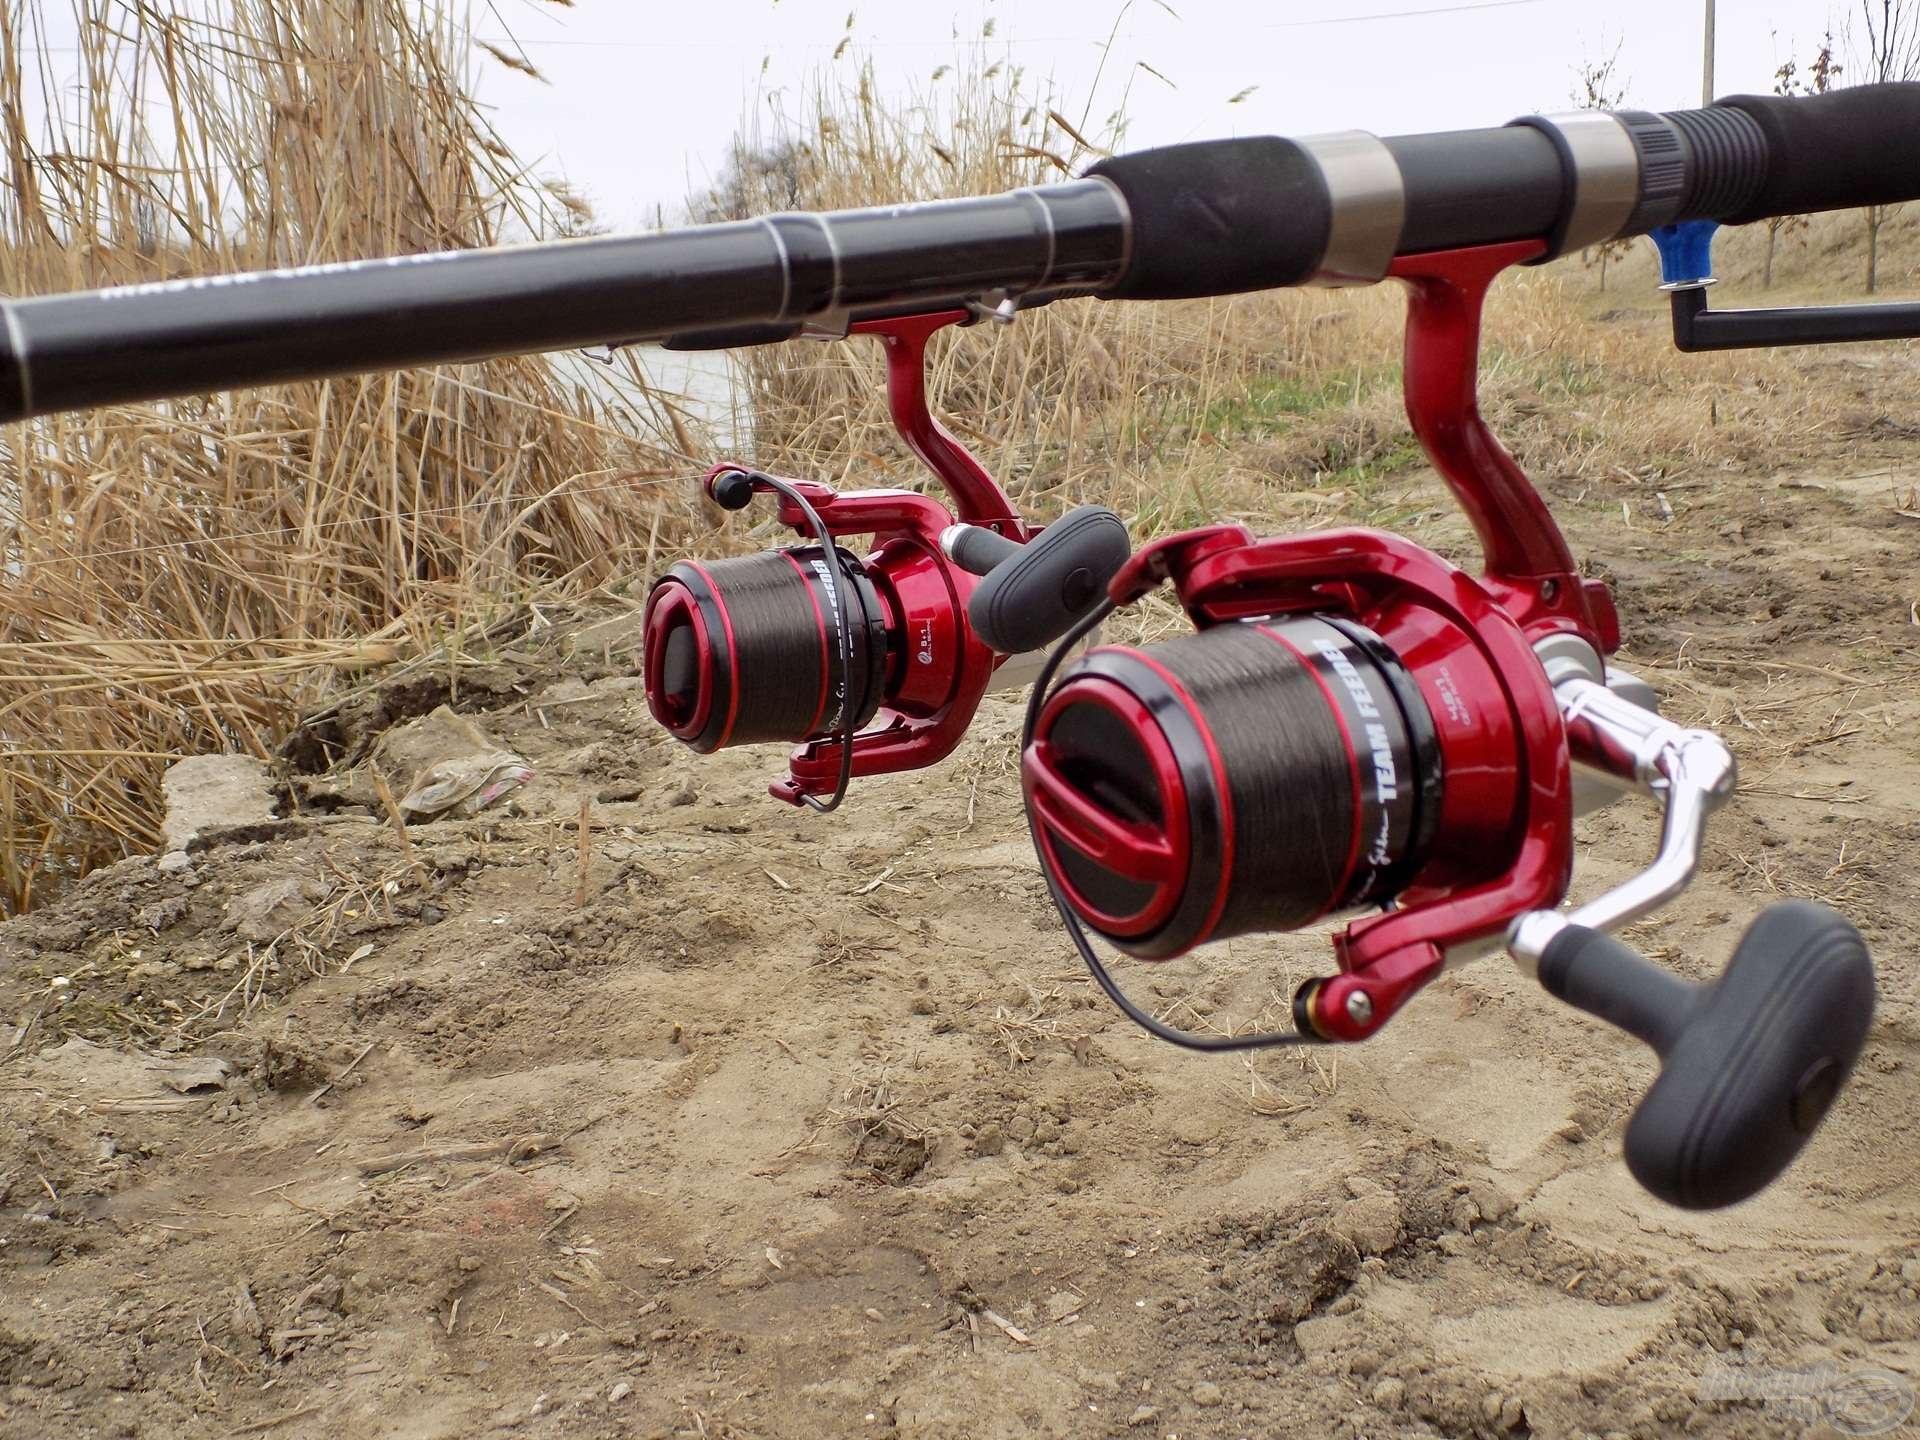 Az utóbbi időben nagyon megkedveltem a gyorsfék használatát. Ezen a horgászaton is a szokásos 0,18 mm-es vastagságú monofil főzsinórral horgásztam, hozzá 0,16 mm-es fonott dobóelőkét kötöttem, a botok hosszúságához mért, ideális hosszban